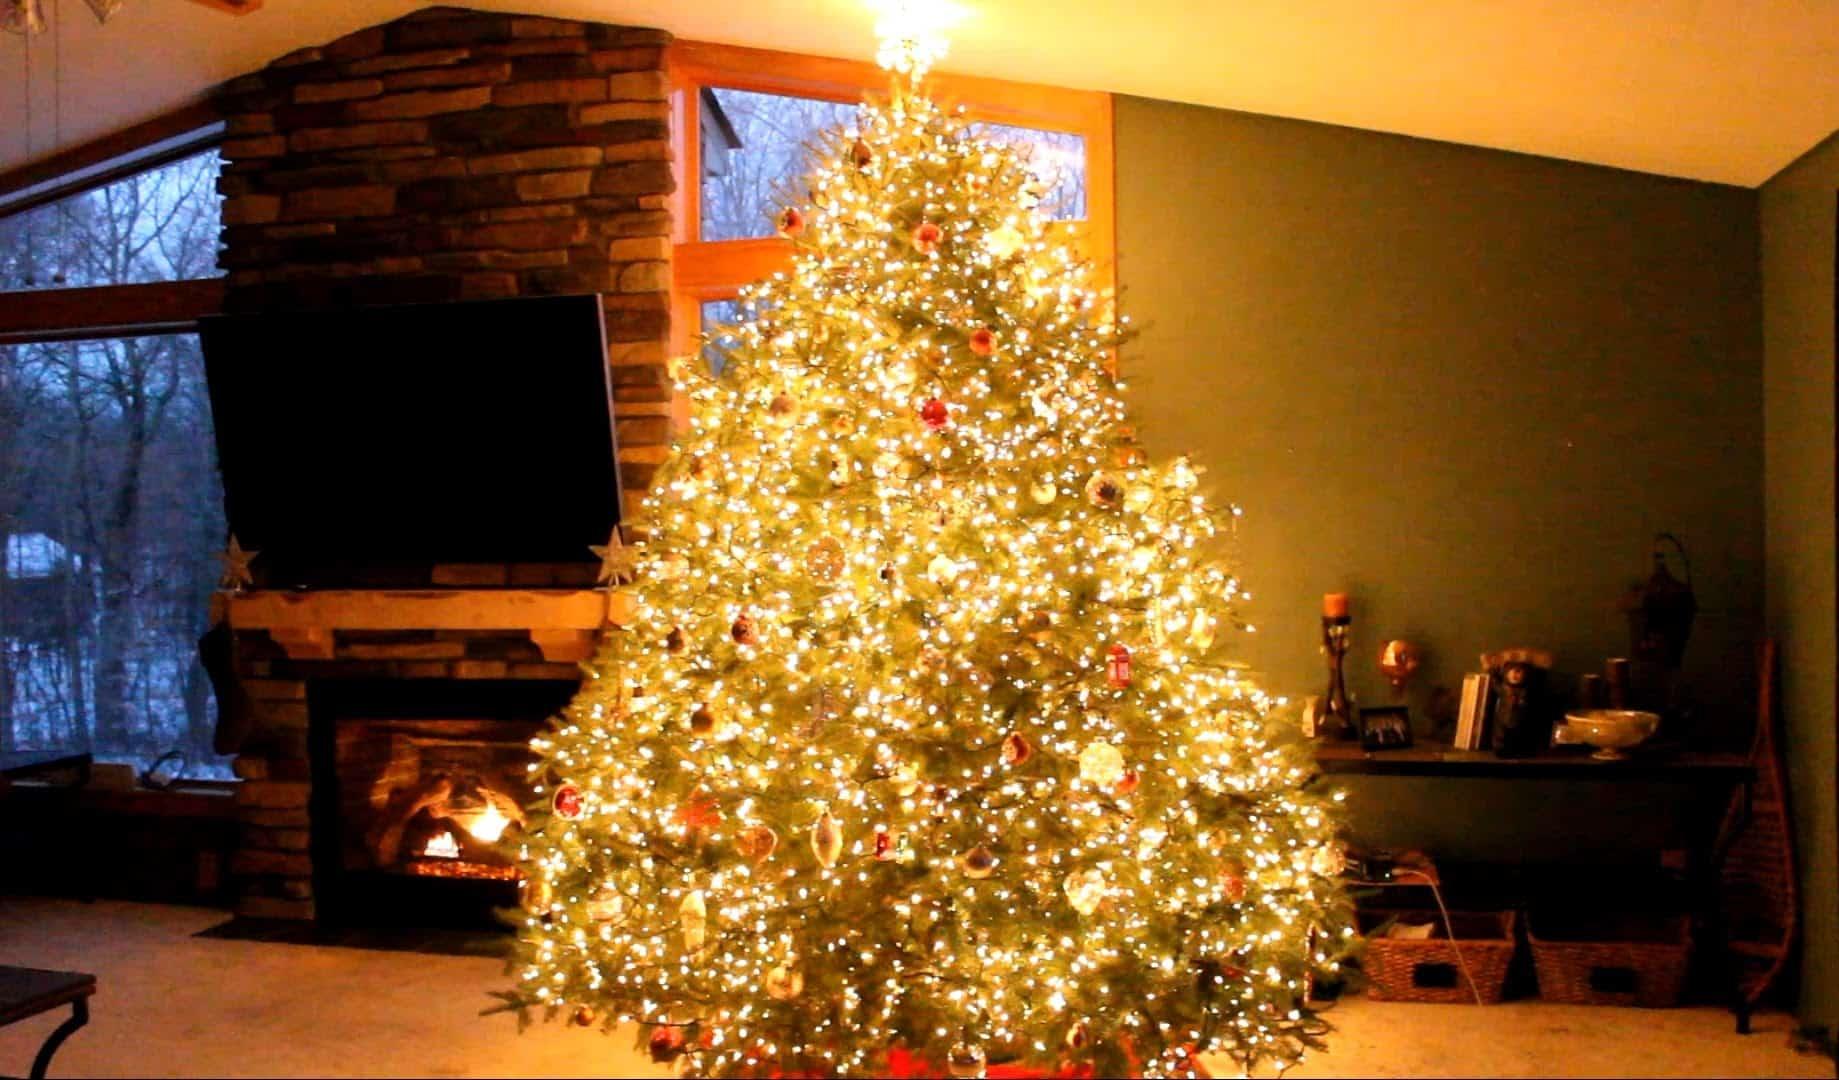 unglaubliche light show am weihnachtsbaum dravens tales. Black Bedroom Furniture Sets. Home Design Ideas